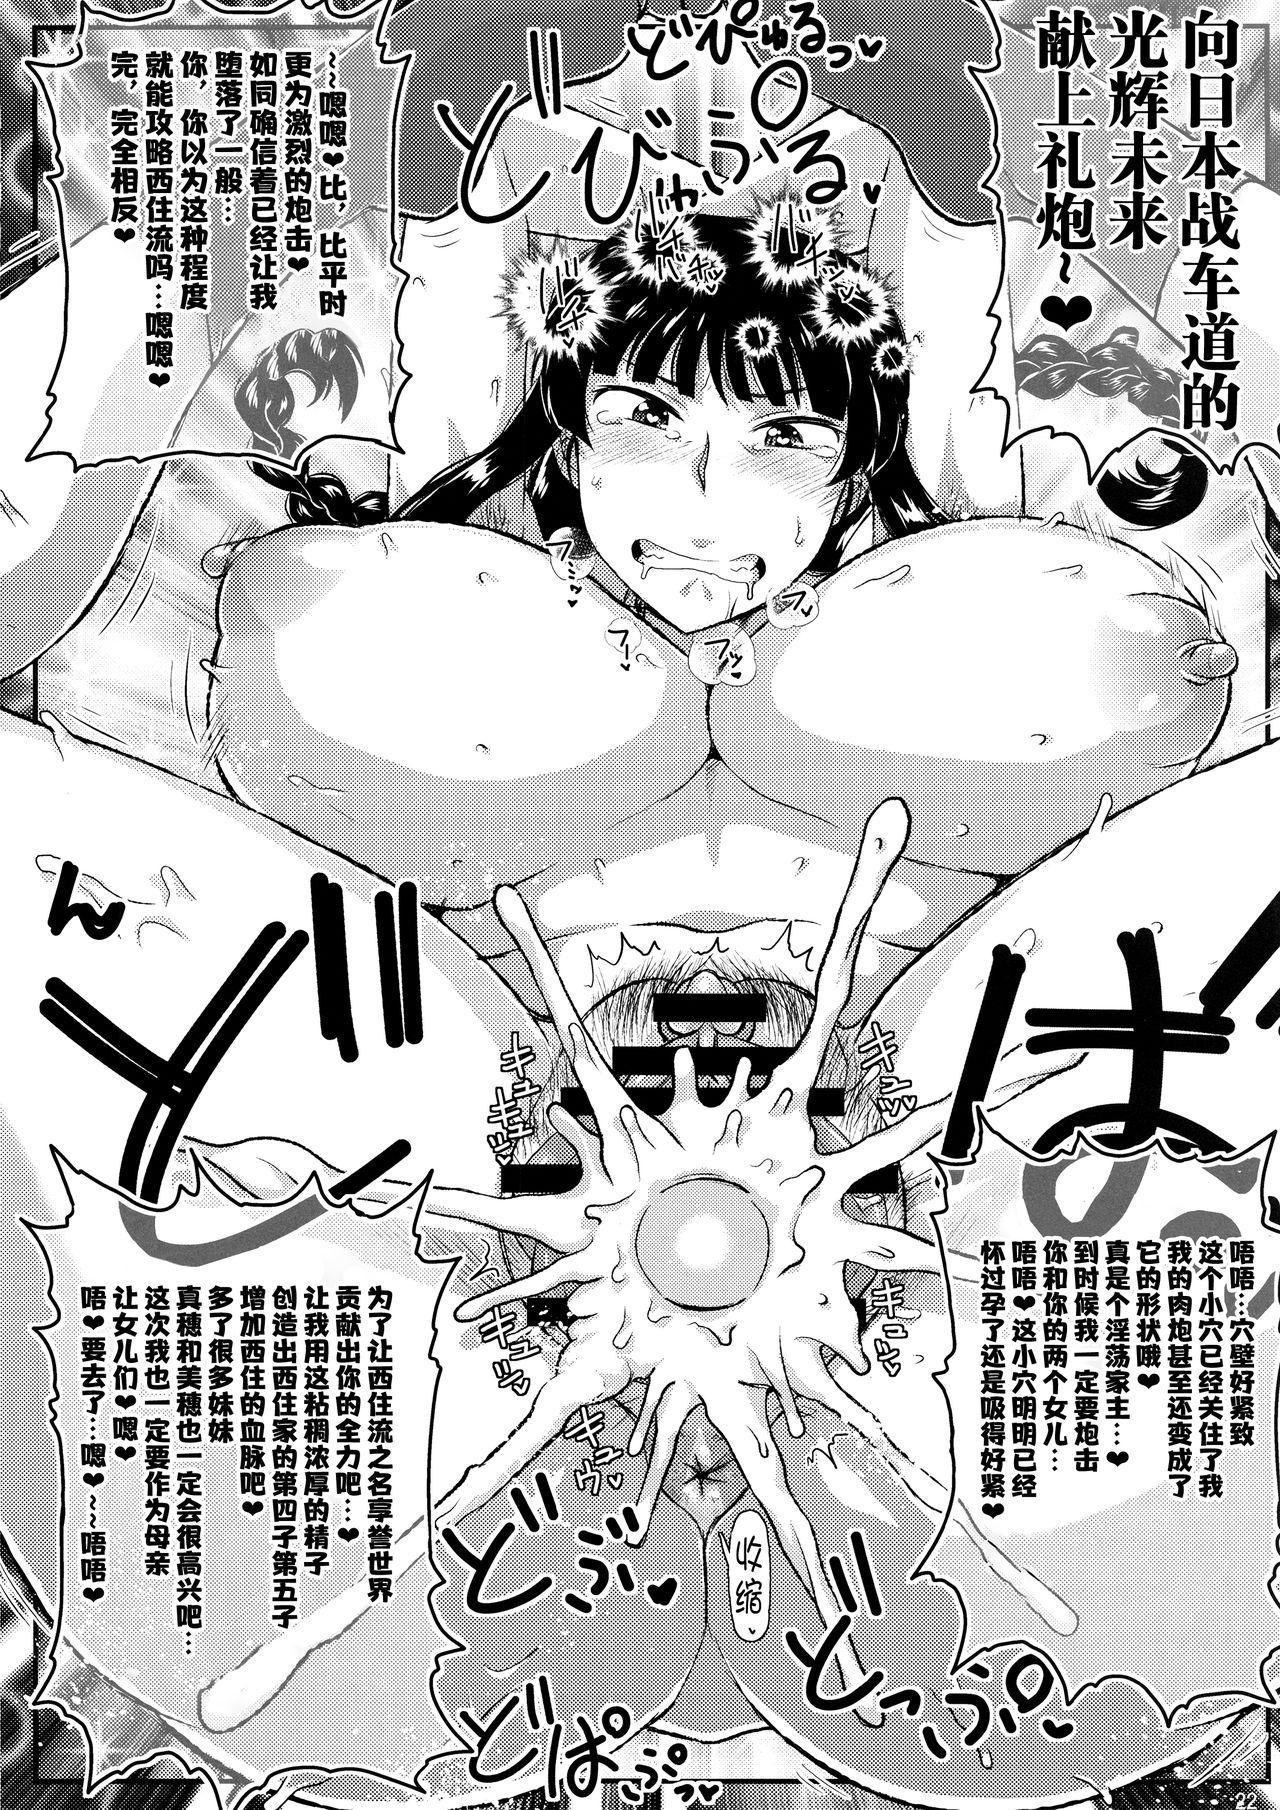 Girl?s & Semen III Nishizumi Shiho no Moteamashita Ureure Body o Chuunen Chinpo de Soutou Sakusen! Iemoto Ransou ni Idenshi Seichuu Butai Shinkou Kaishi 21